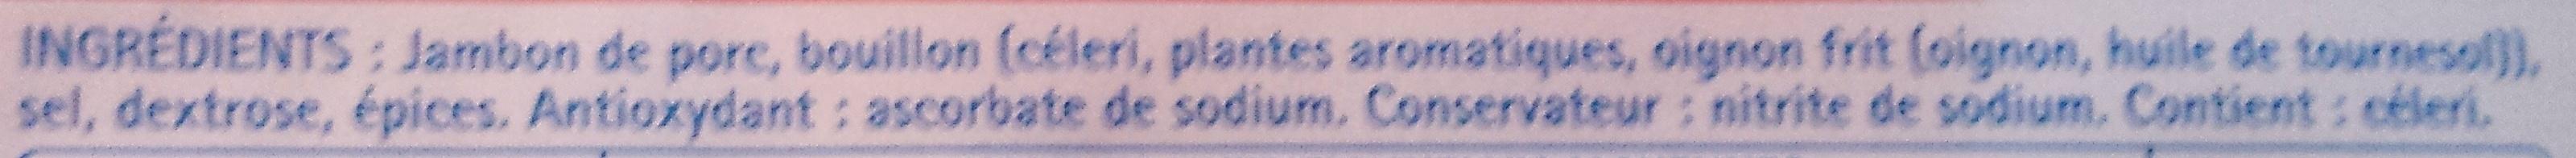 Le supérieur -25% de sel - Ingrédients - fr